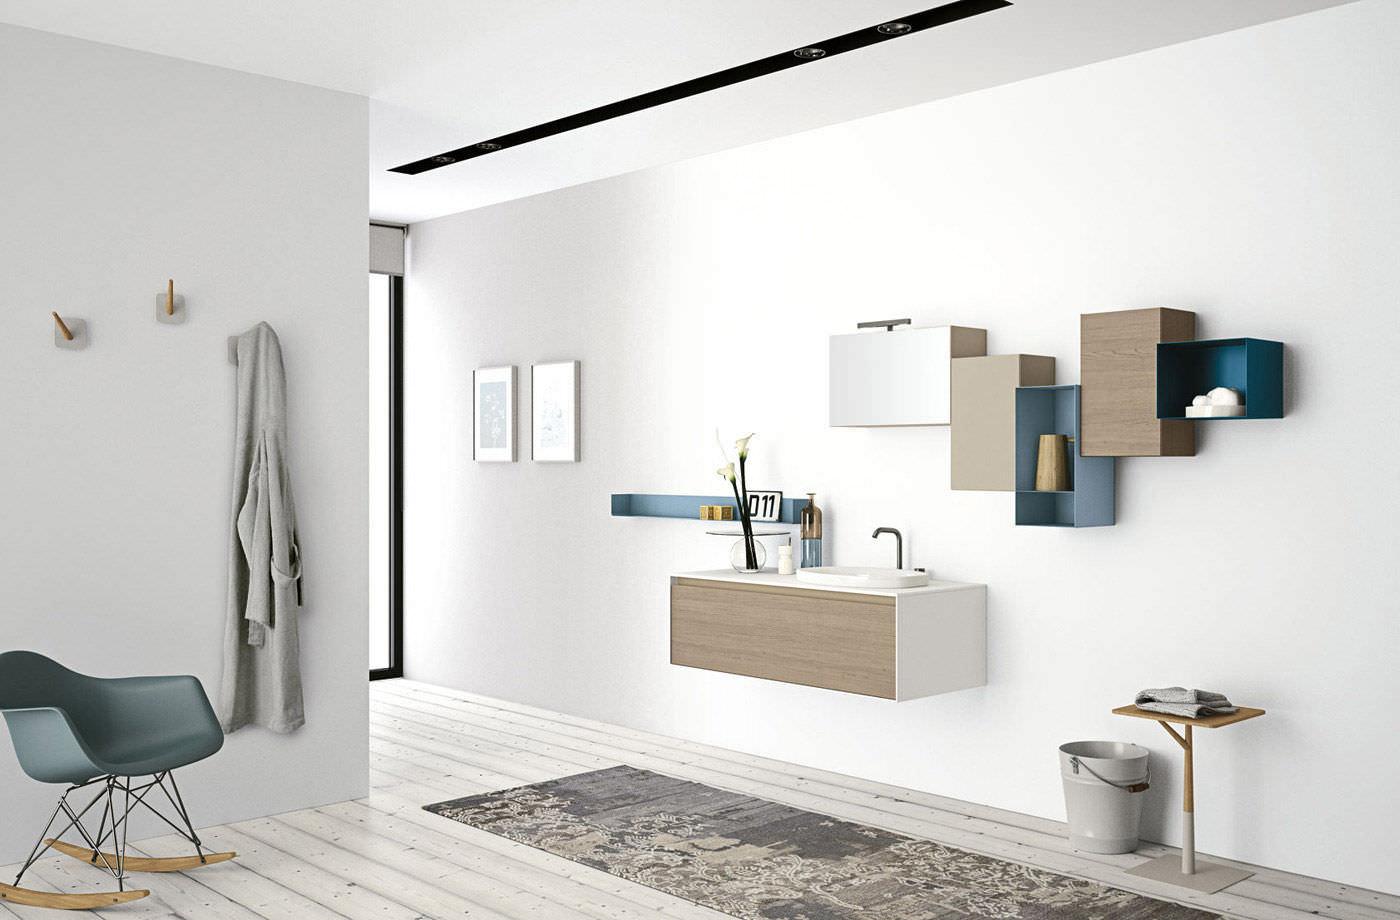 Wandmontiertes Regal / modern / Holz / für Badezimmer - ARIA by ...